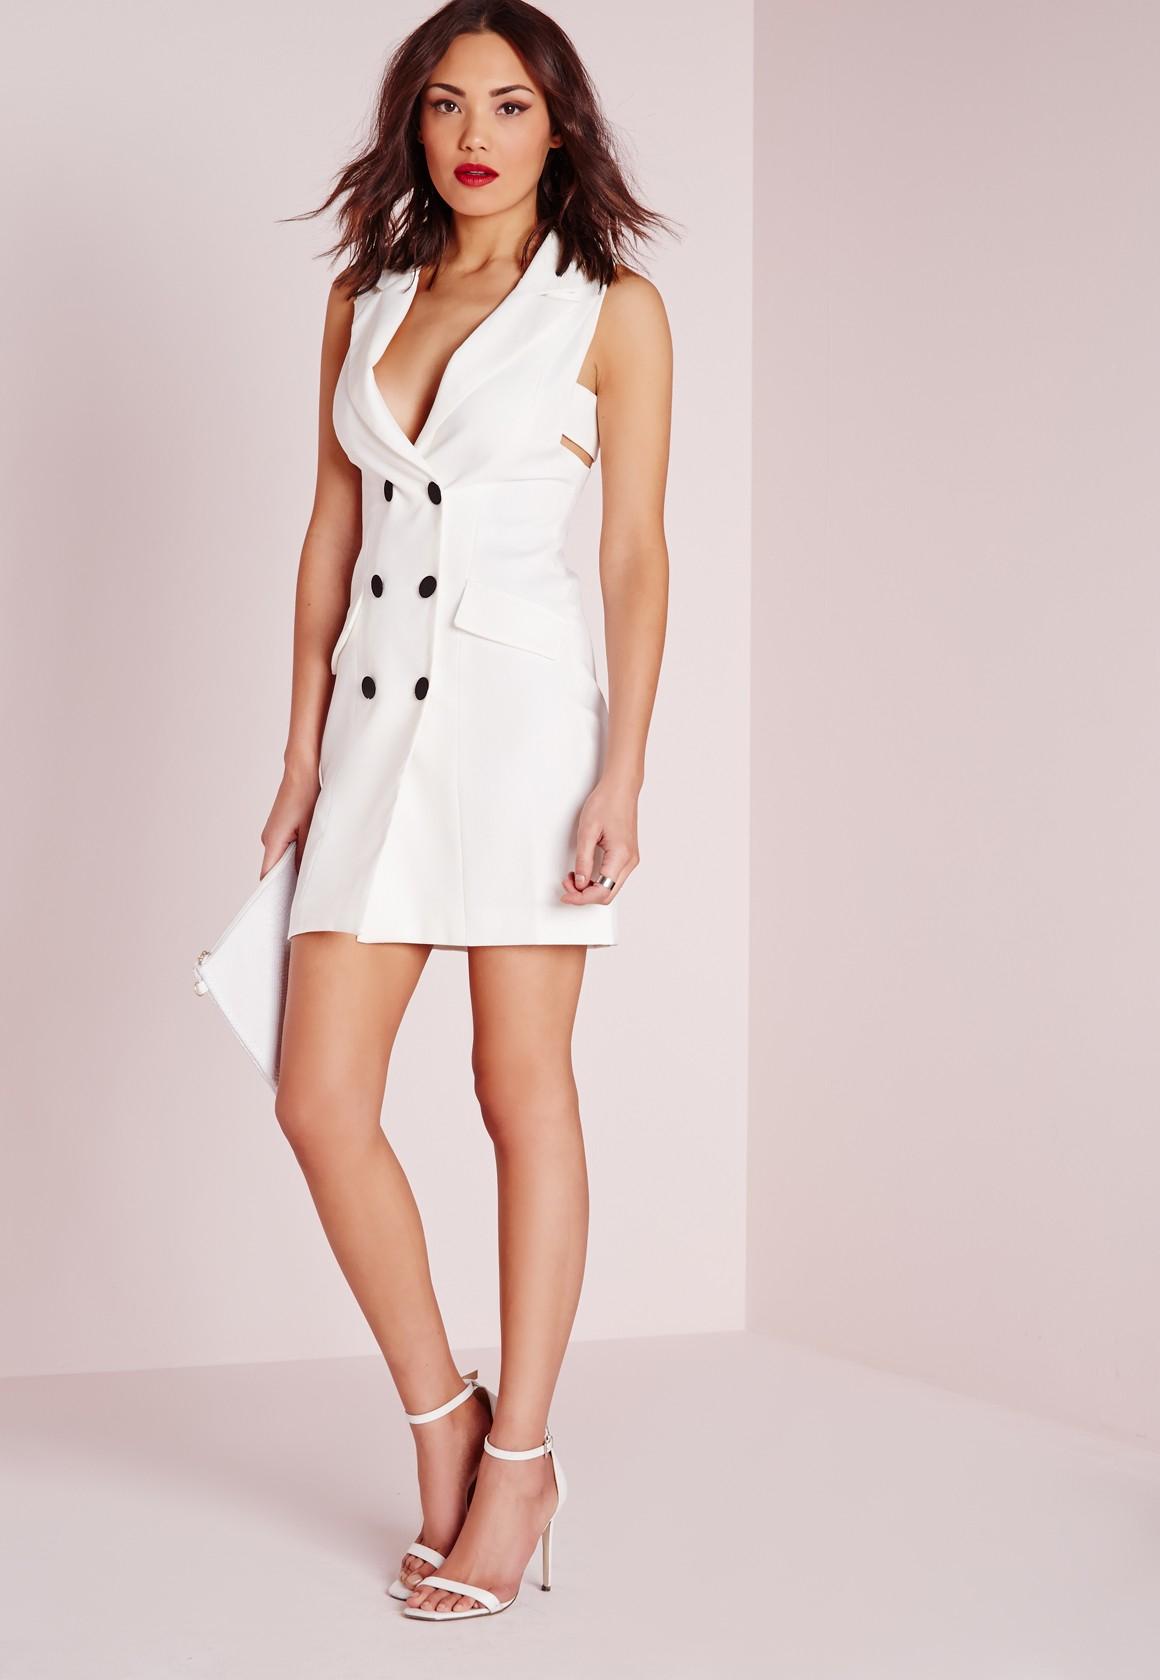 5d3672d0e7eec Lyst - Missguided Crepe Sleeveless Blazer Dress White in White